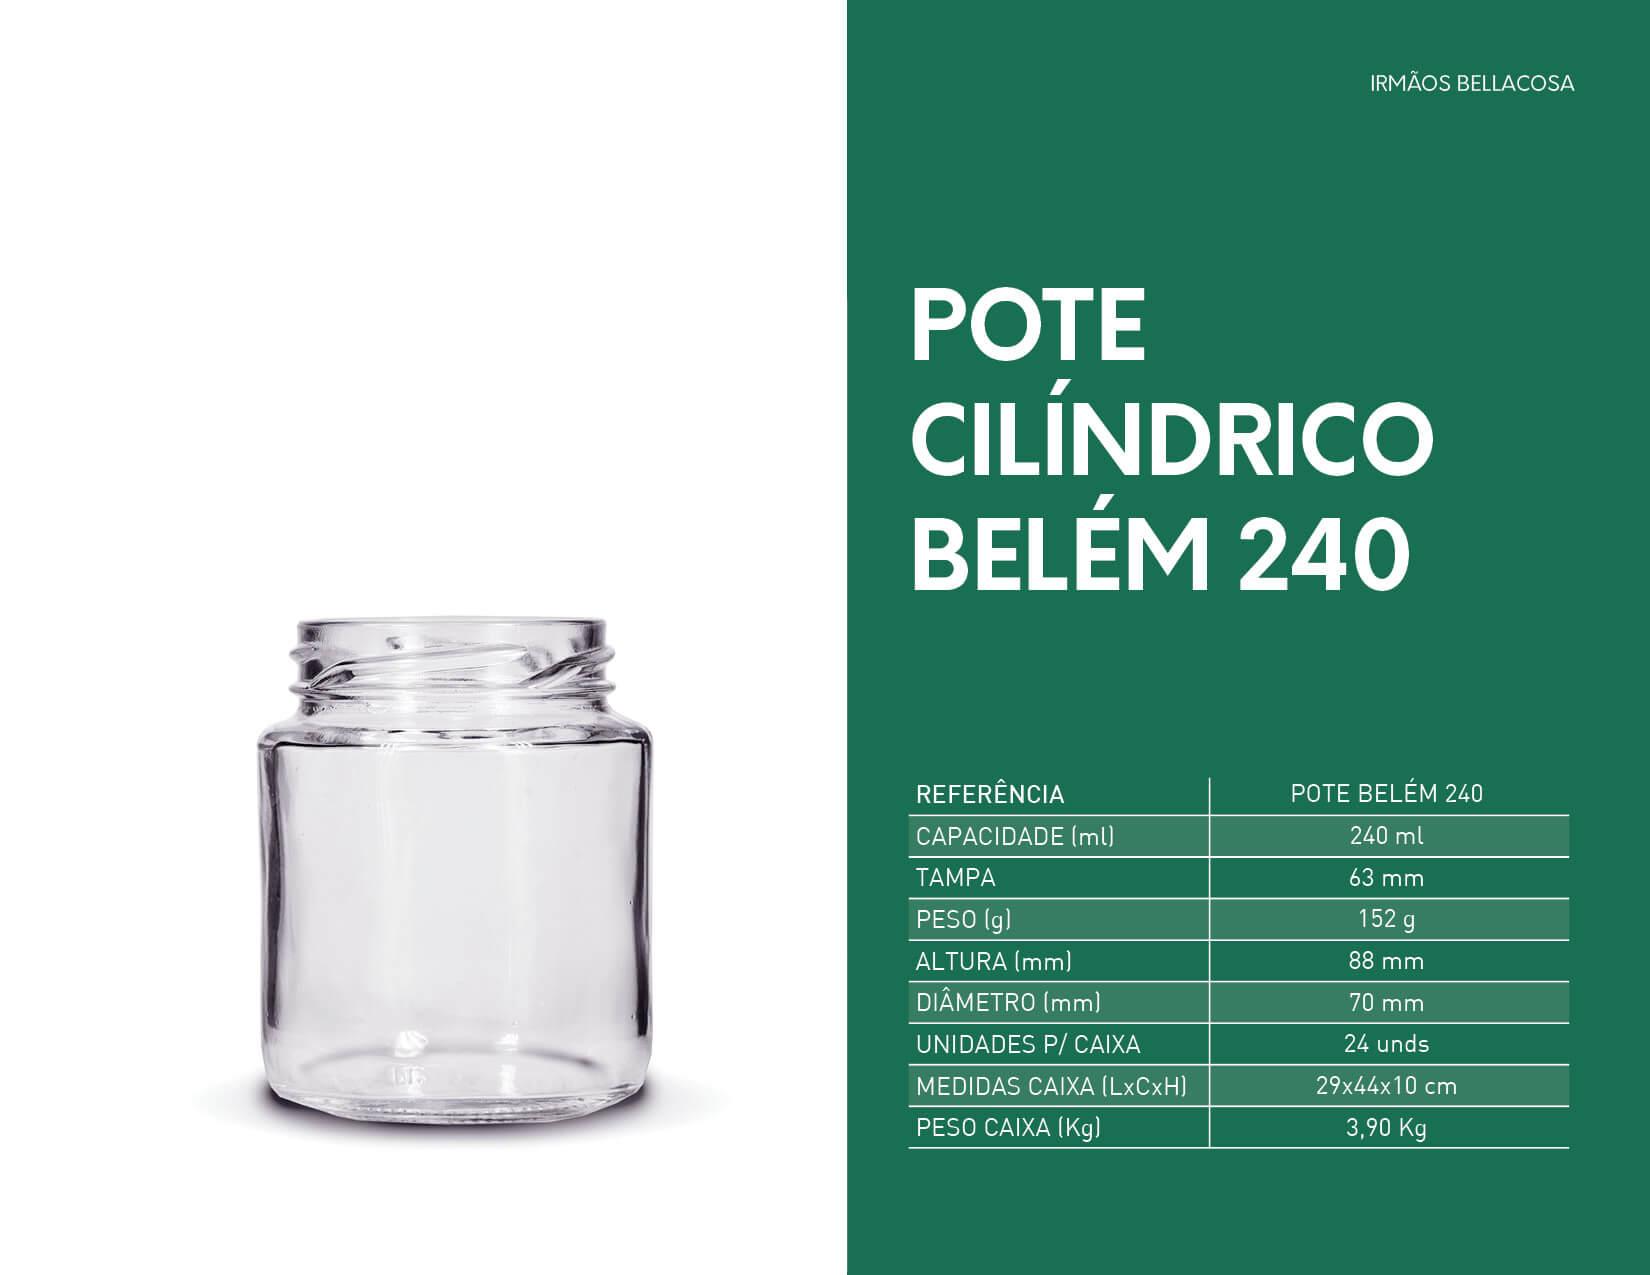 013-Pote-Cilindrico-Belem-240-irmaos-bellacosa-embalagens-de-vidro